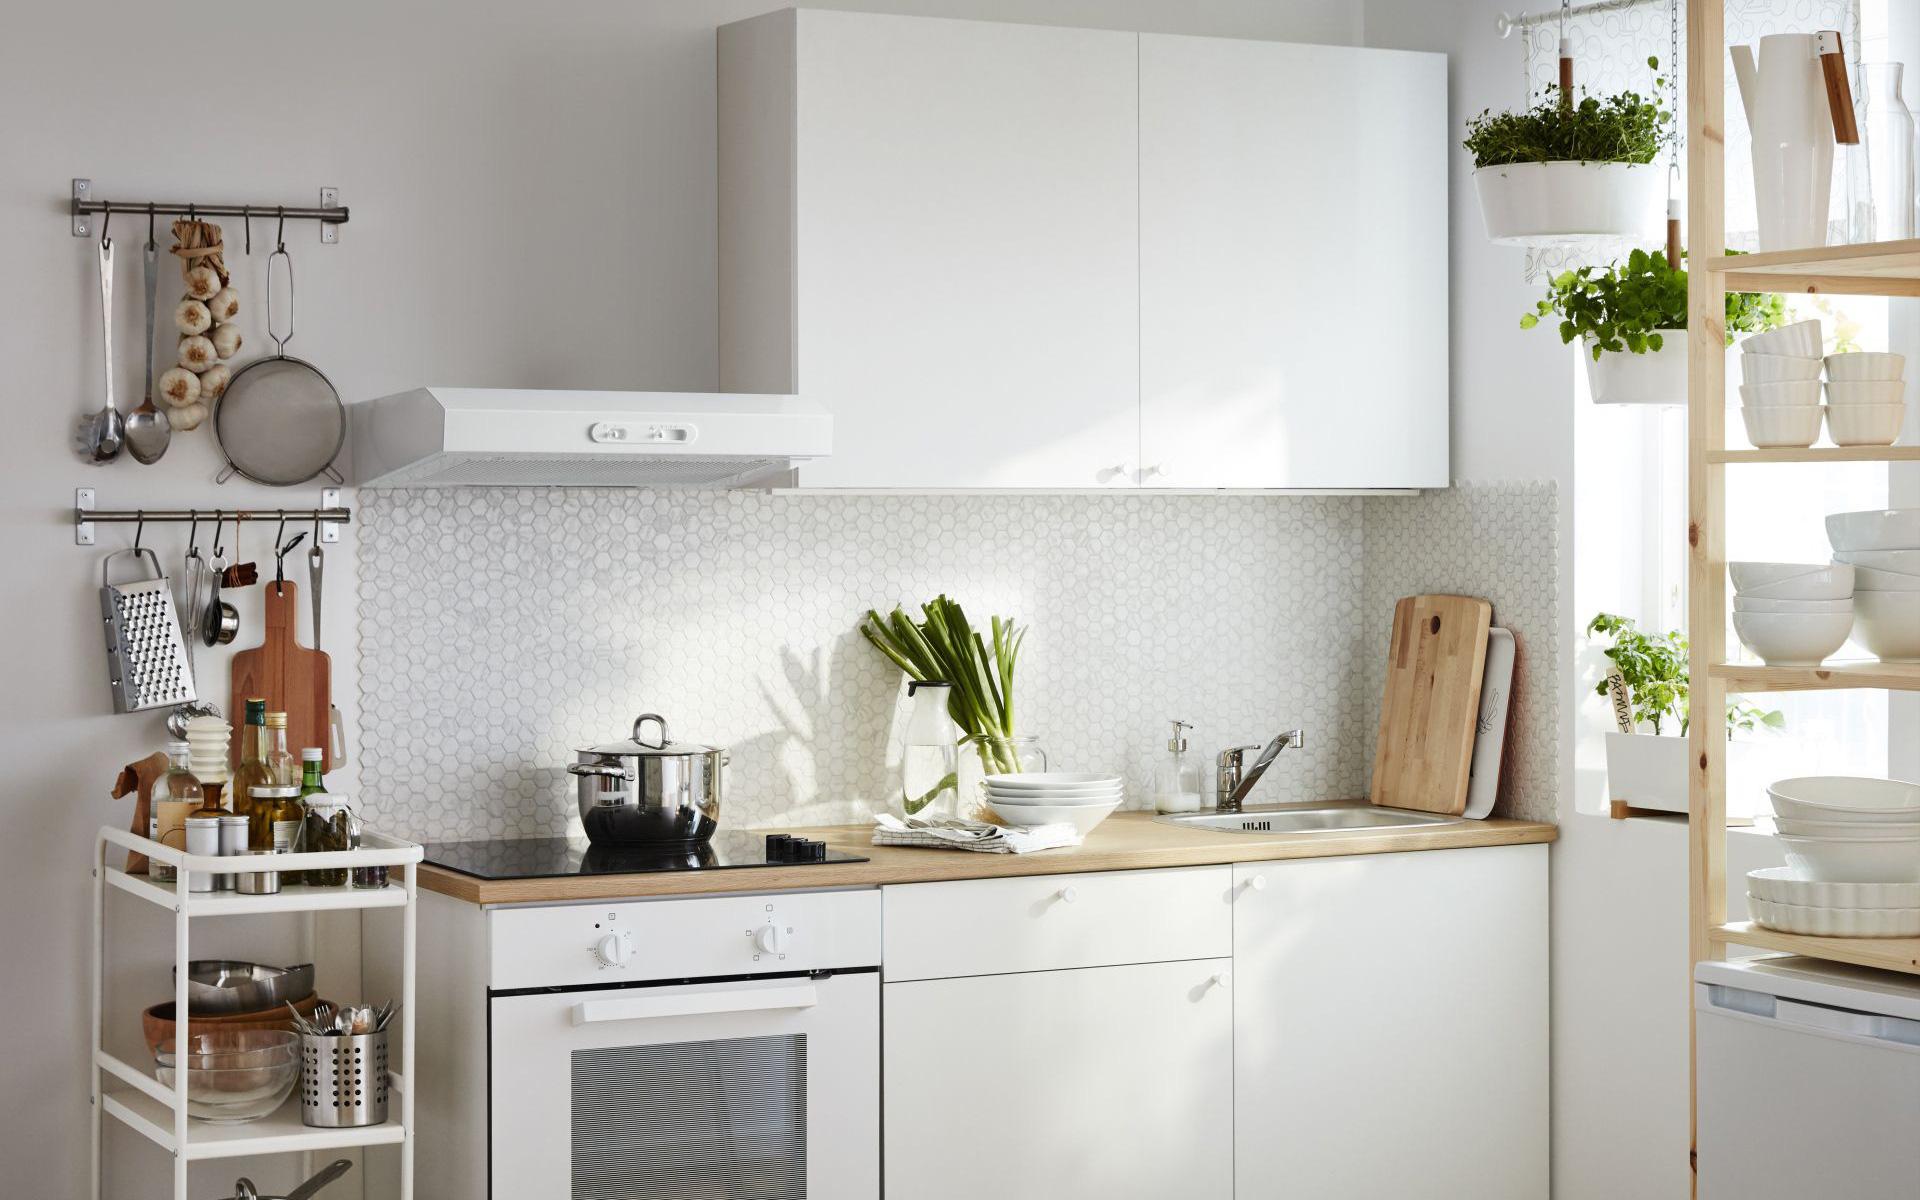 13 ý tưởng trang trí cho khu bếp có diện tích nhỏ mà bạn không nên bỏ lỡ